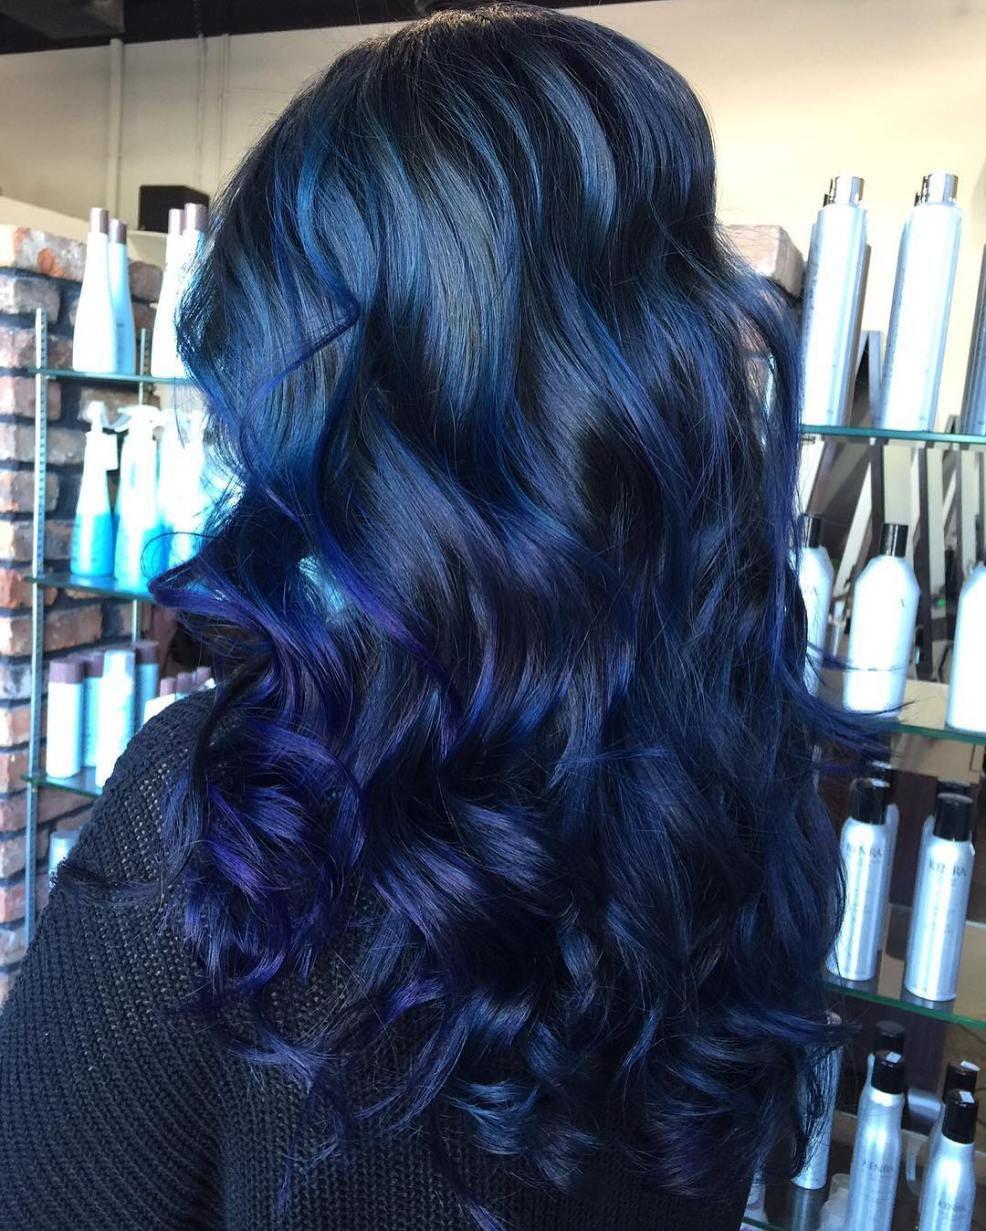 20 Dark Blue Hairstyles That Will Brighten Up Your Look Hair